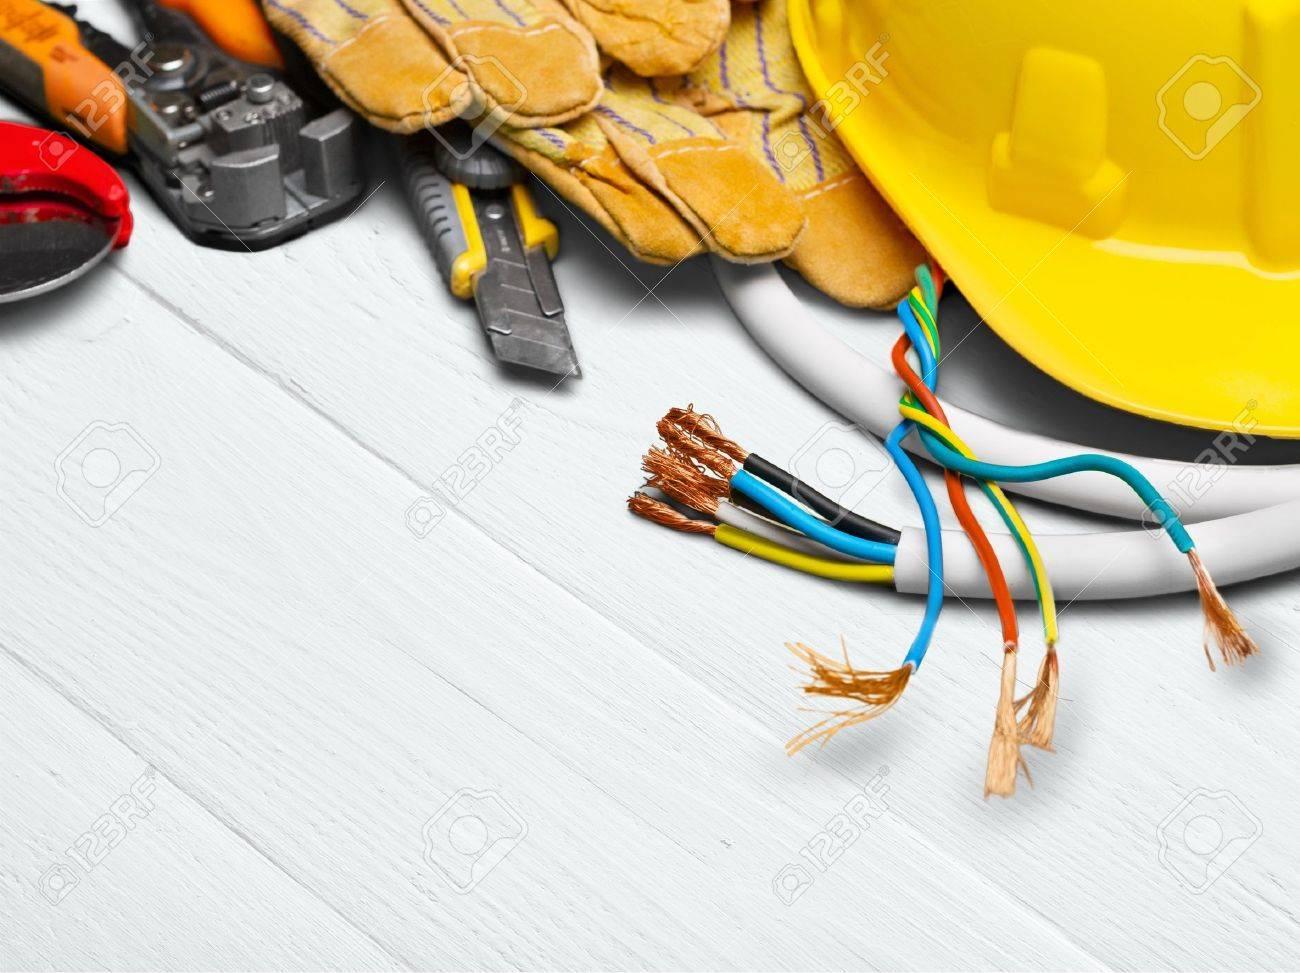 Électricien. Banque d'images - 51609491